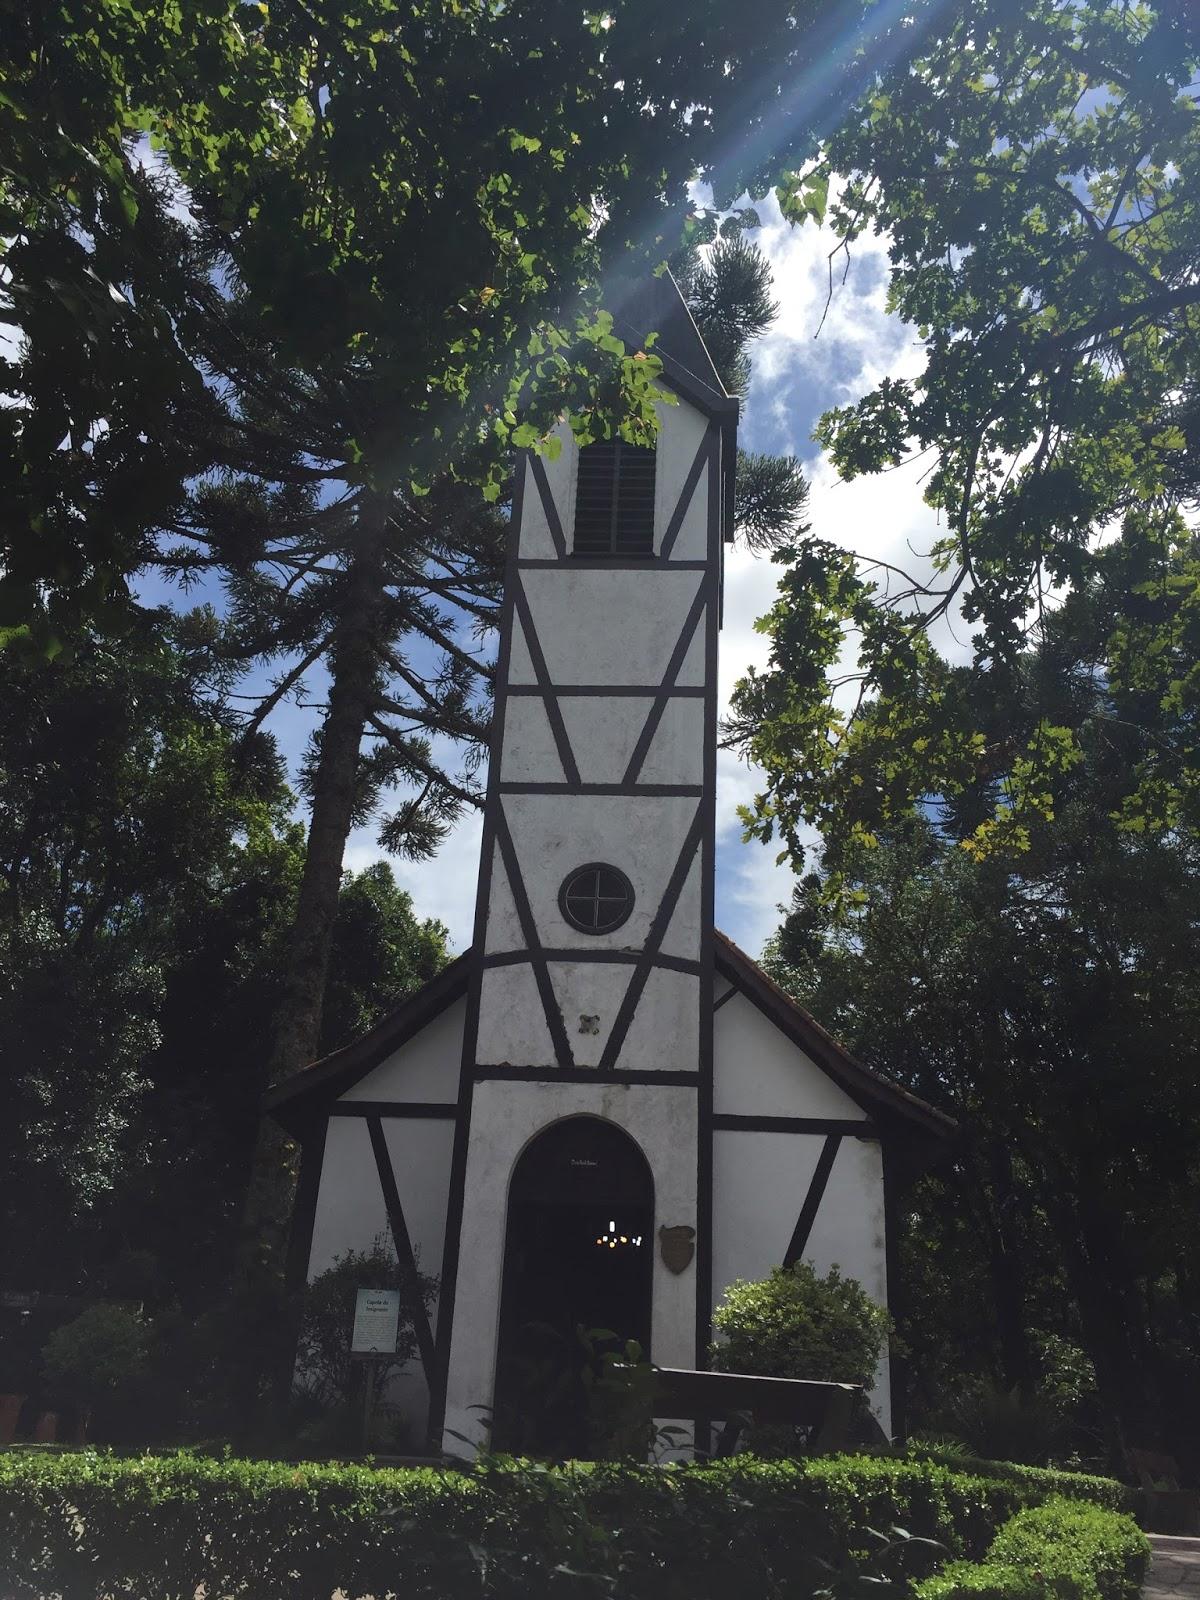 Unica igreja com torre em estilo enxaimel no Brasil